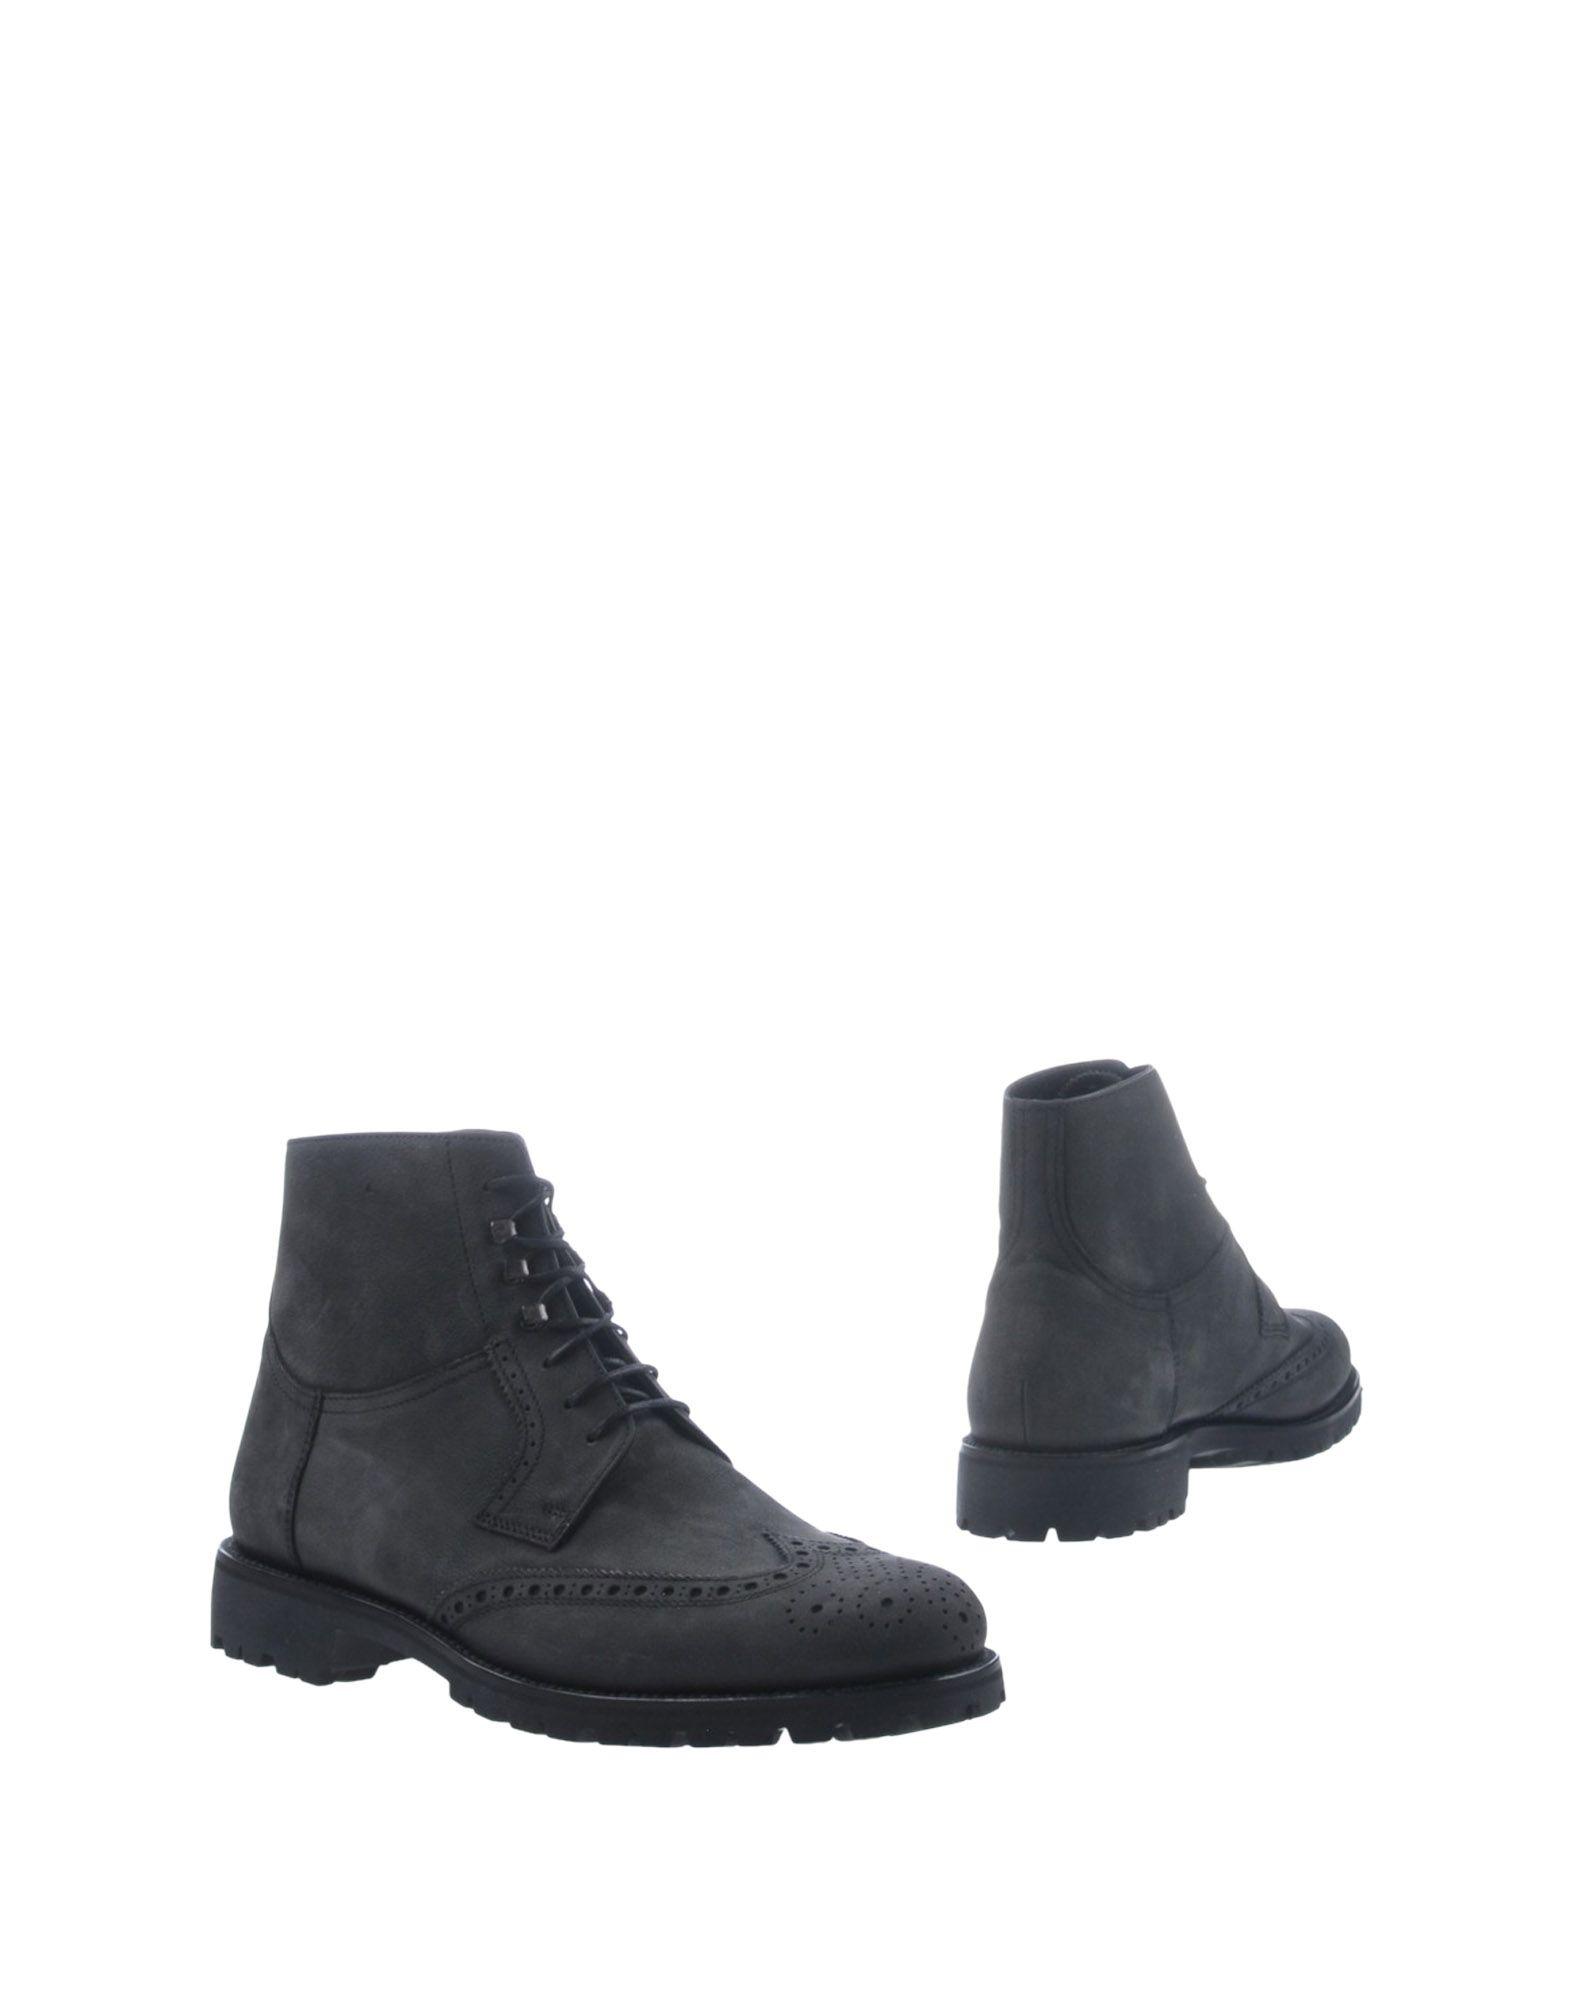 BORGIOLI Полусапоги и высокие ботинки цены онлайн